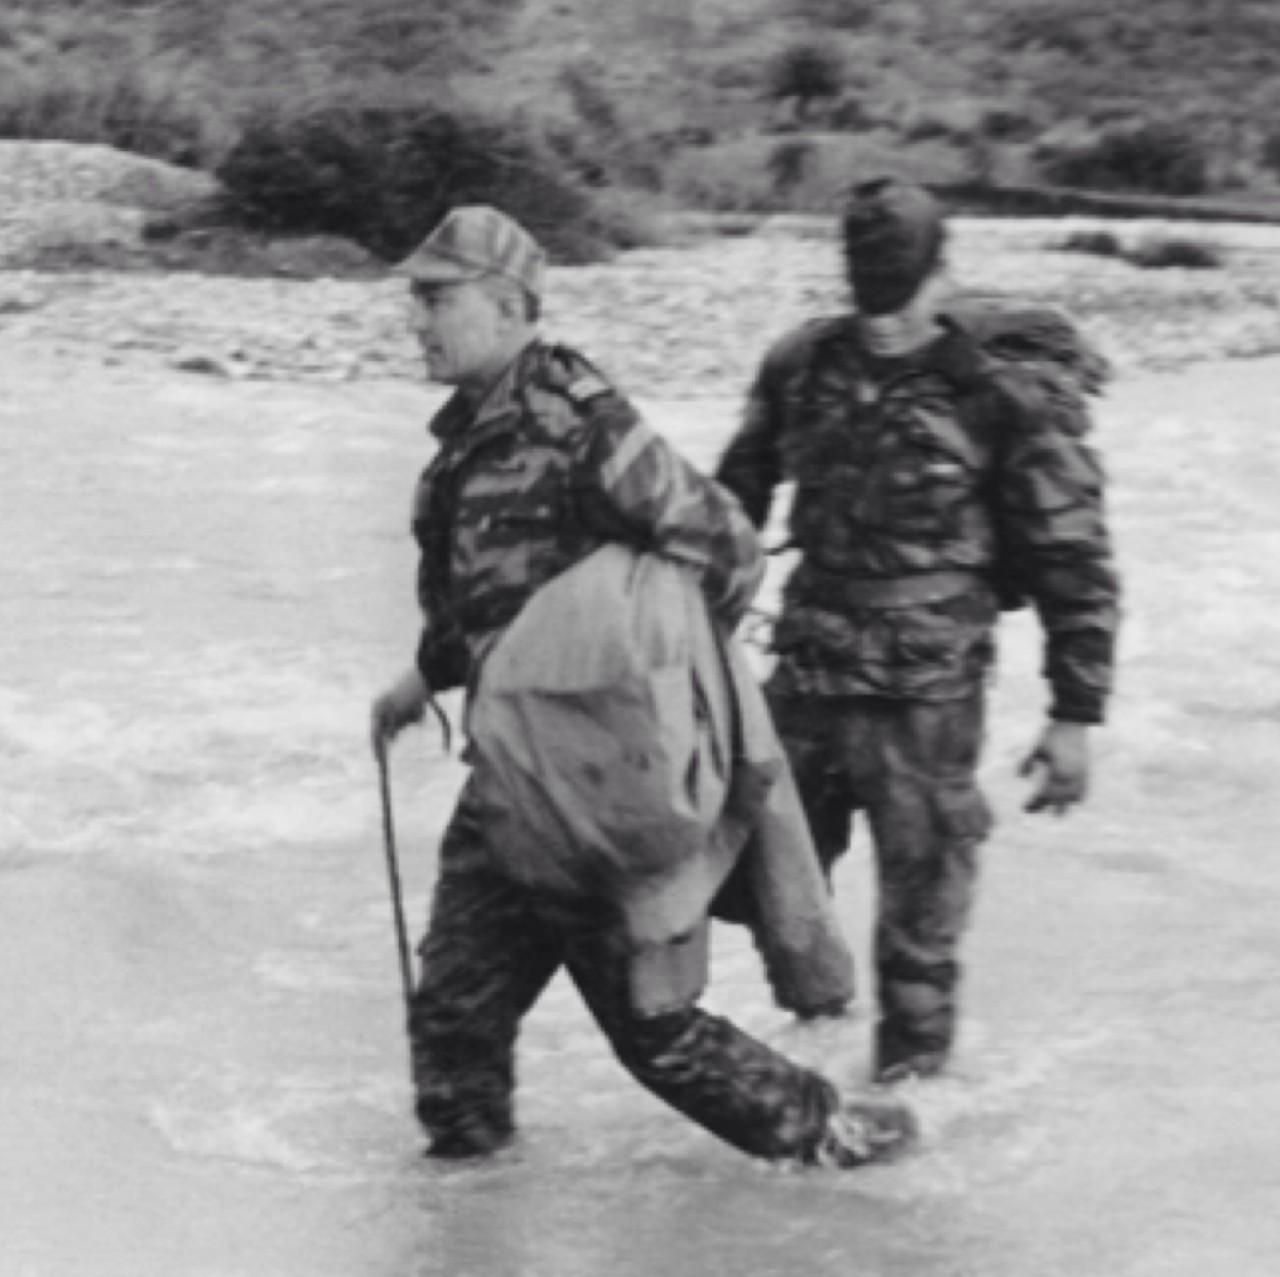 Le colonel TRINQUIER traversant un oued au cours du plan Challe en 1959